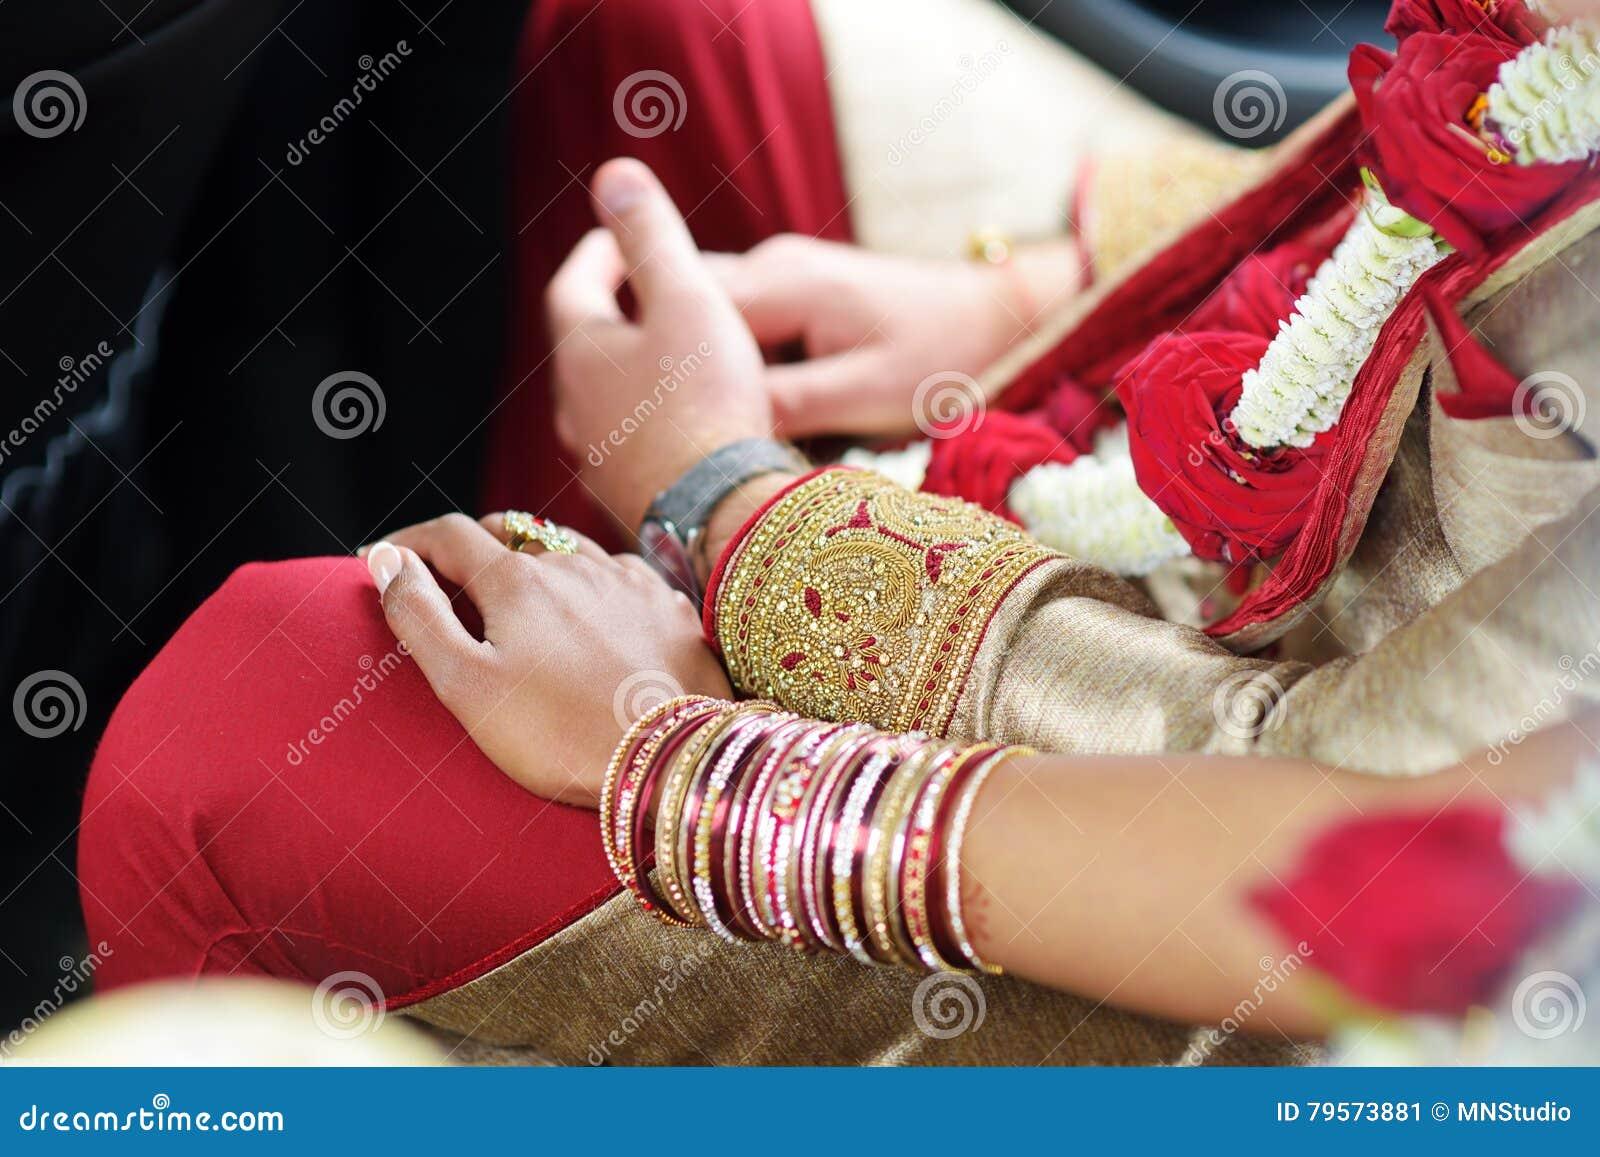 Erstaunliche hindische Hochzeitszeremonie Details der traditionellen indischen Hochzeit